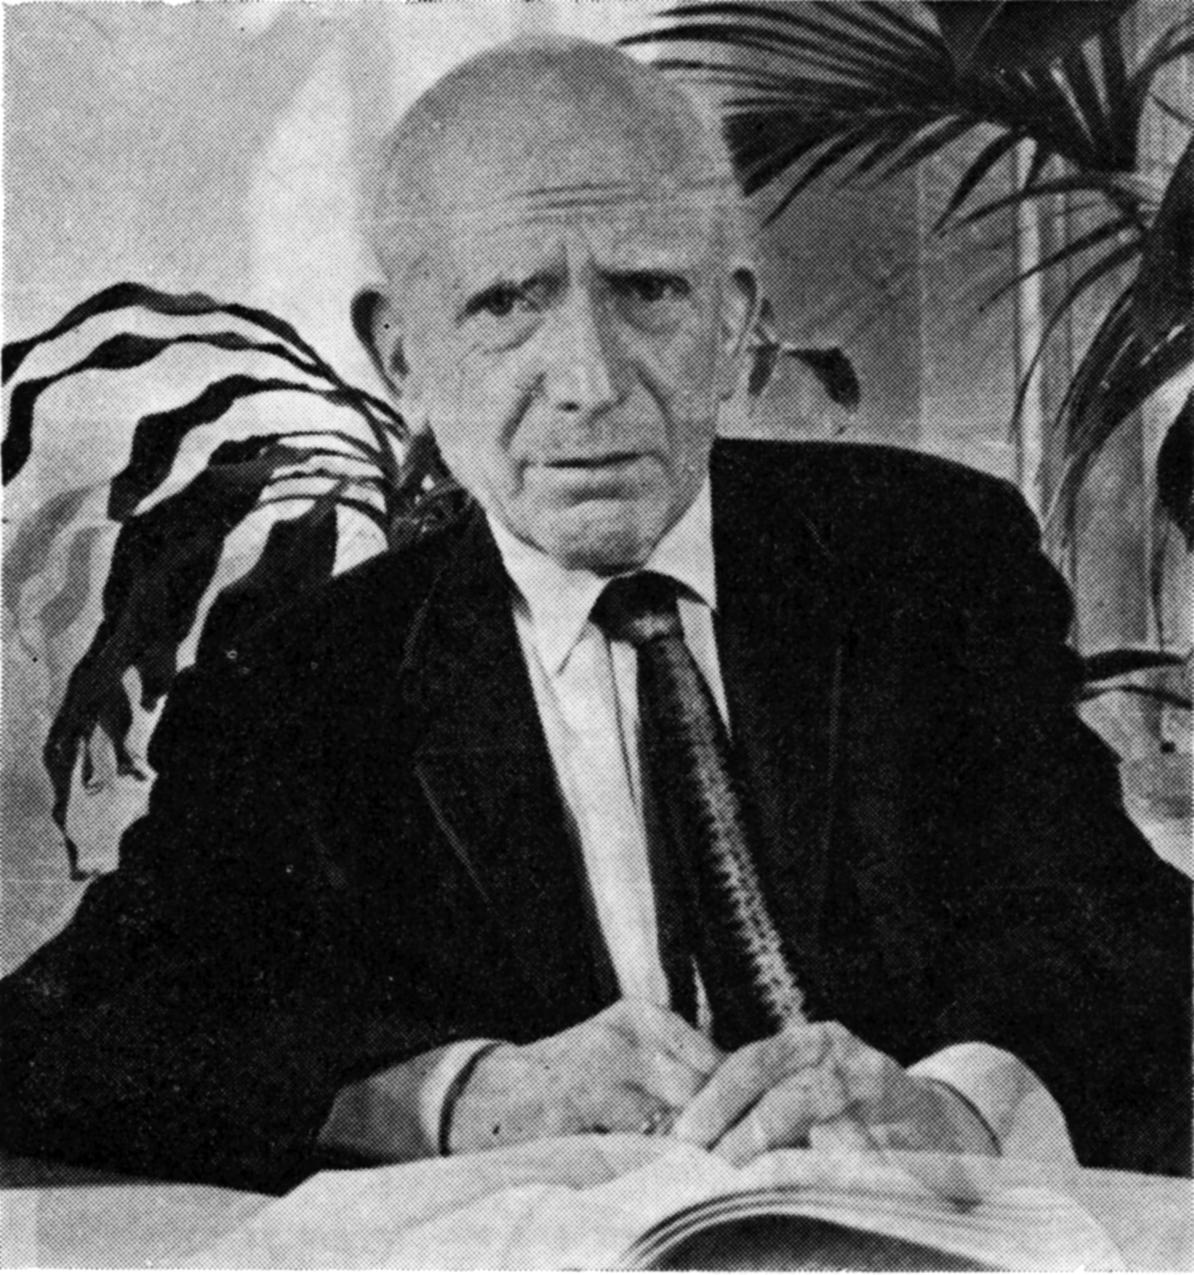 Tseytlin, le poète qui ne voulait pas être écrivain, avec Yitskhok Niborski